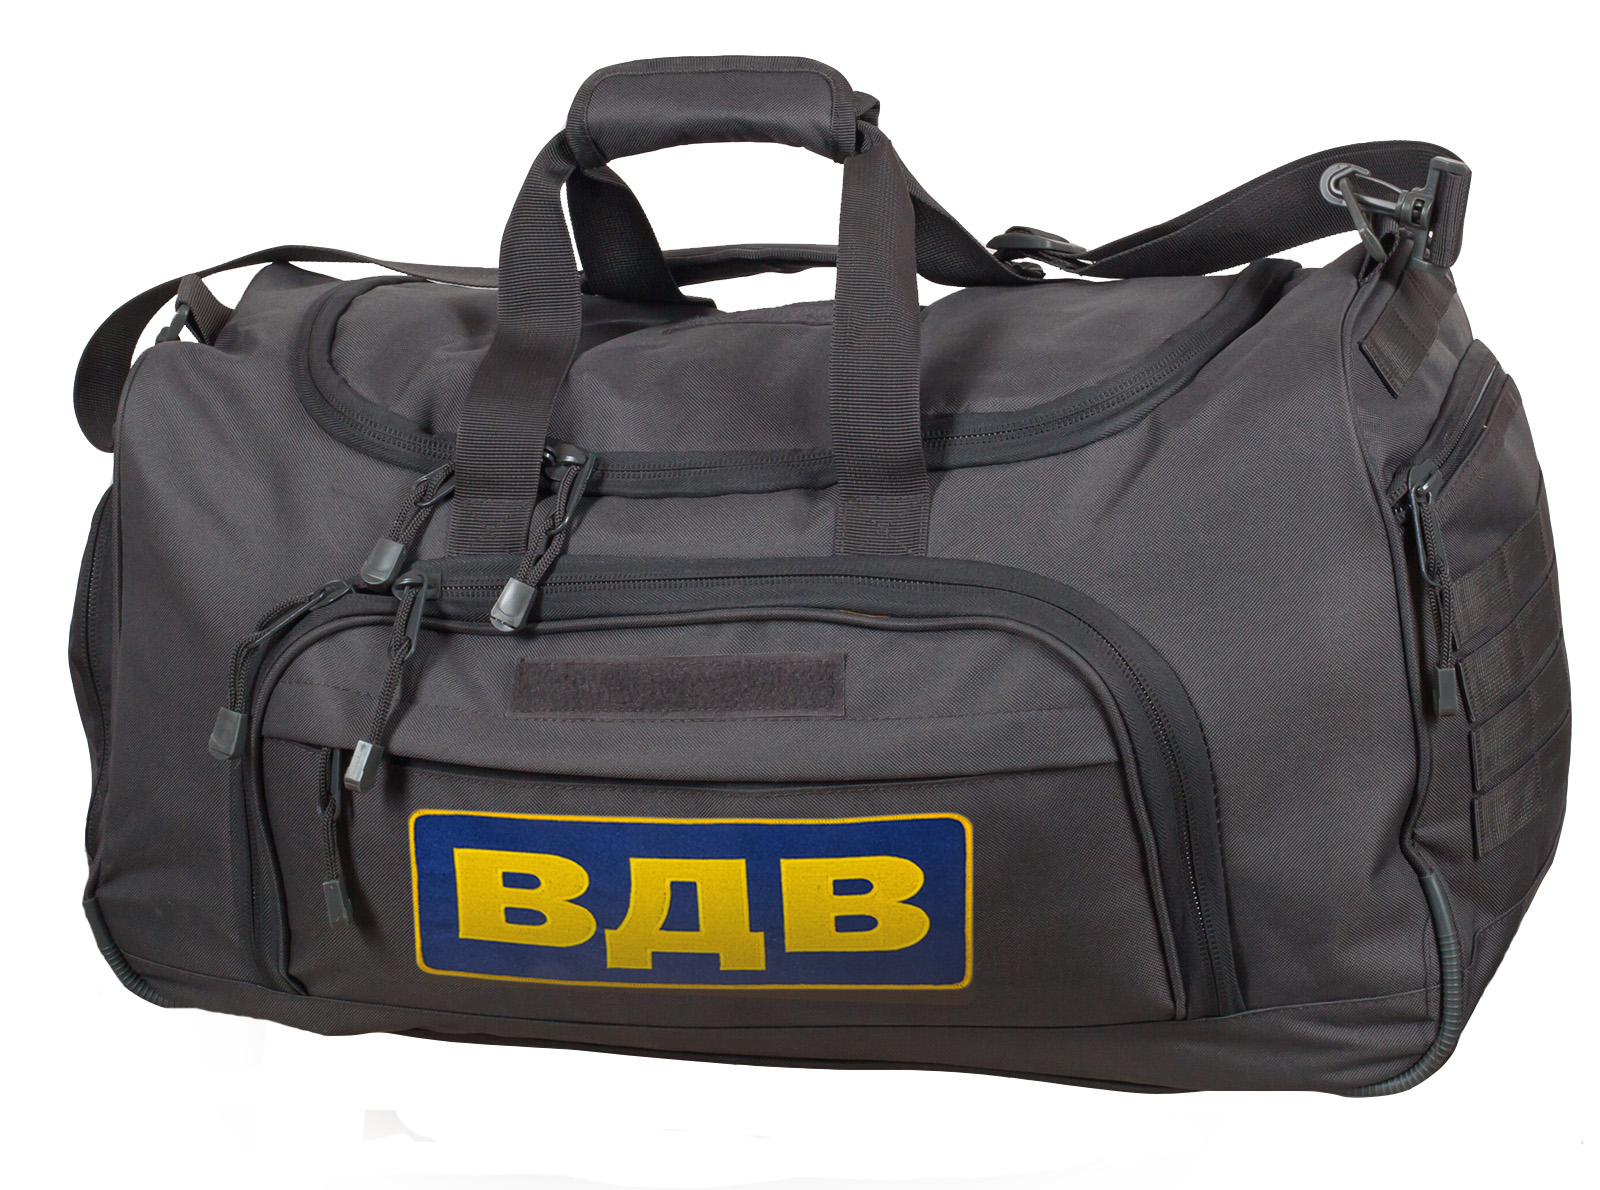 Купить в Москве мужскую дорожную сумку ВДВ